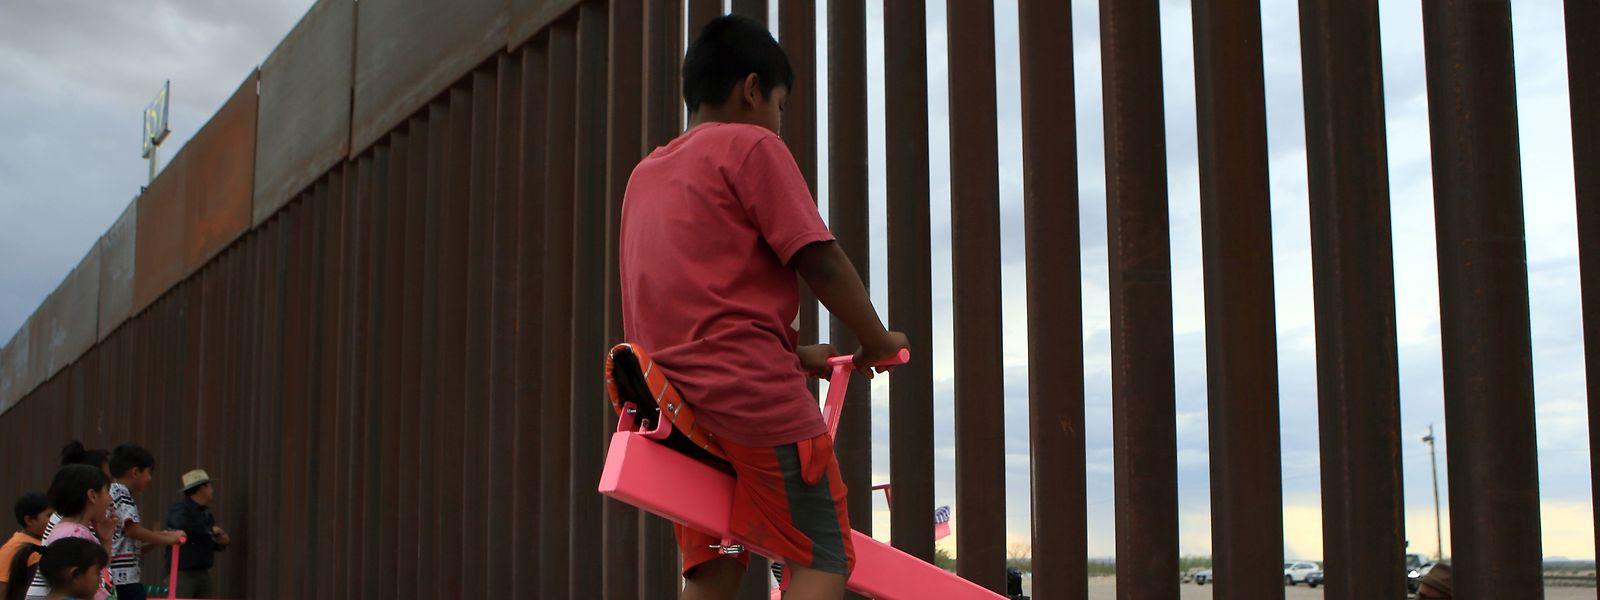 Die Installation will zeigen, dass Aktionen auf der einen Seite der Mauer Auswirkungen auf die gegenüberliegende Seite haben.